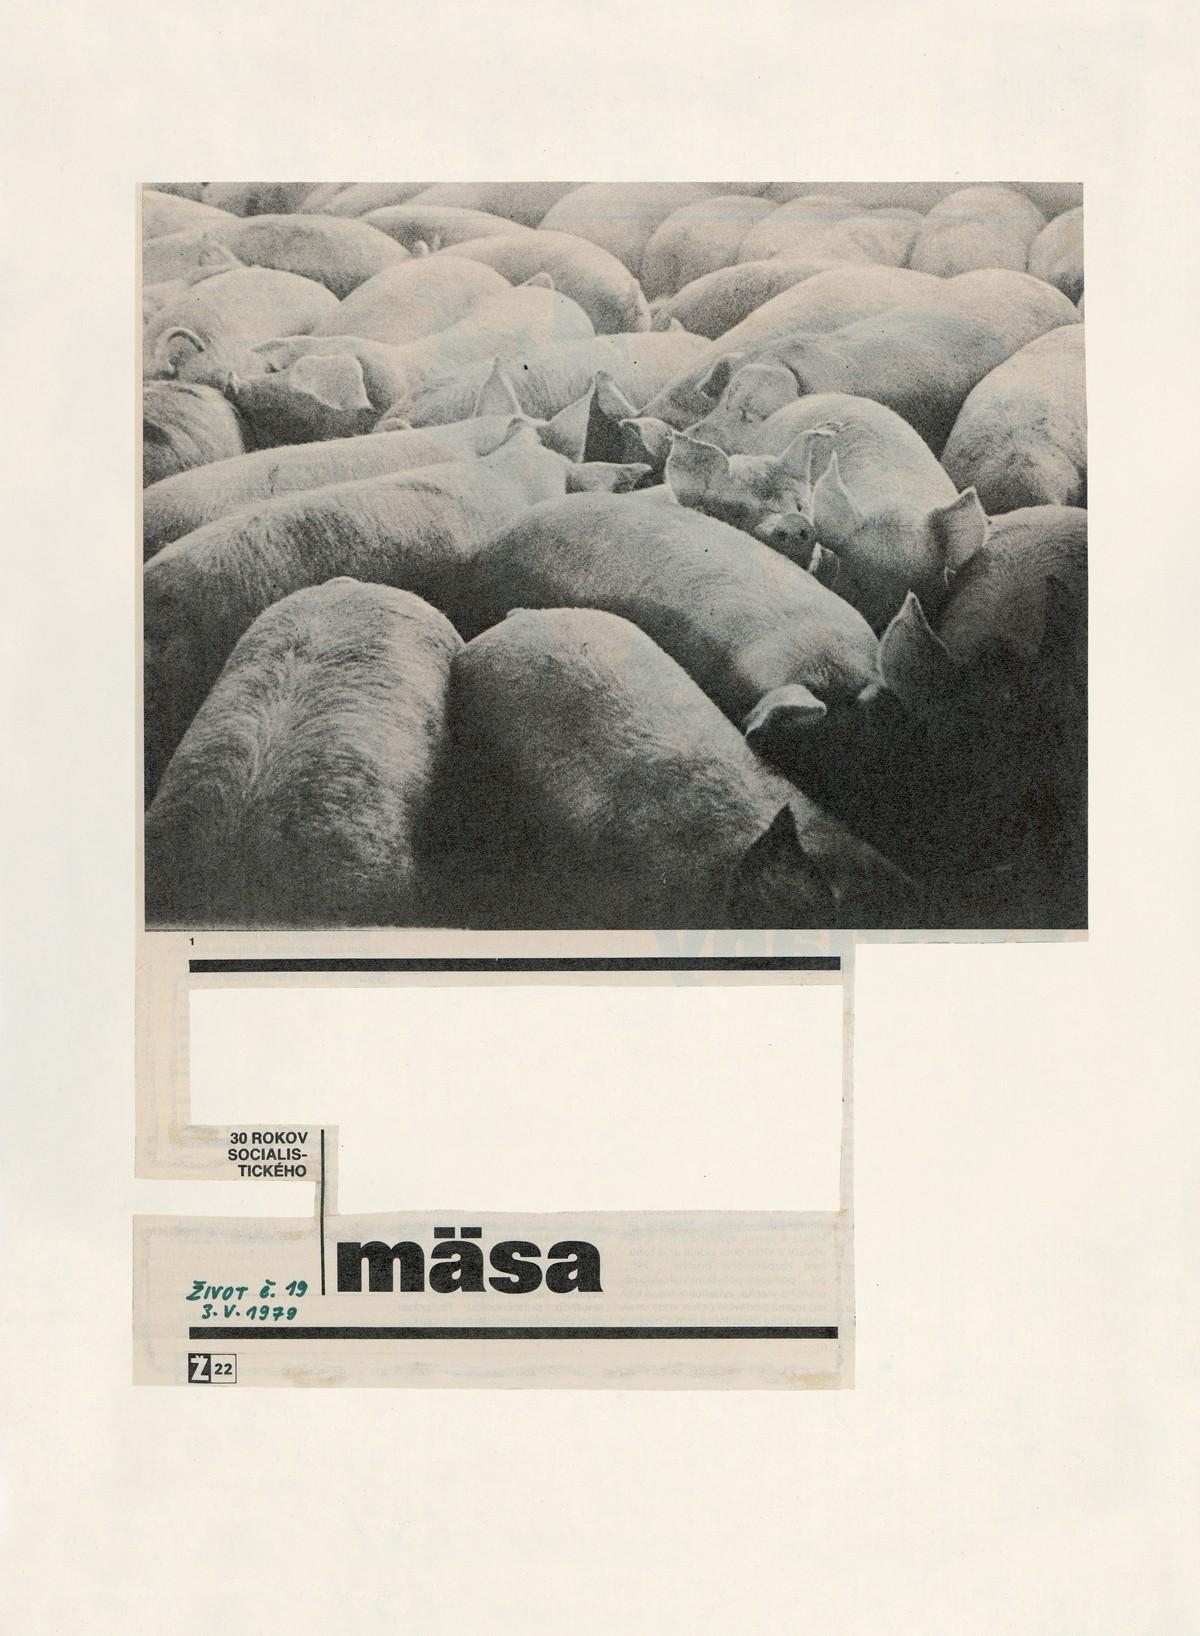 Július Koller, Július Koller – 30 rokov socialistického mäsa (Život č. 19. 3. V. 1979). Slovenská národná galéria